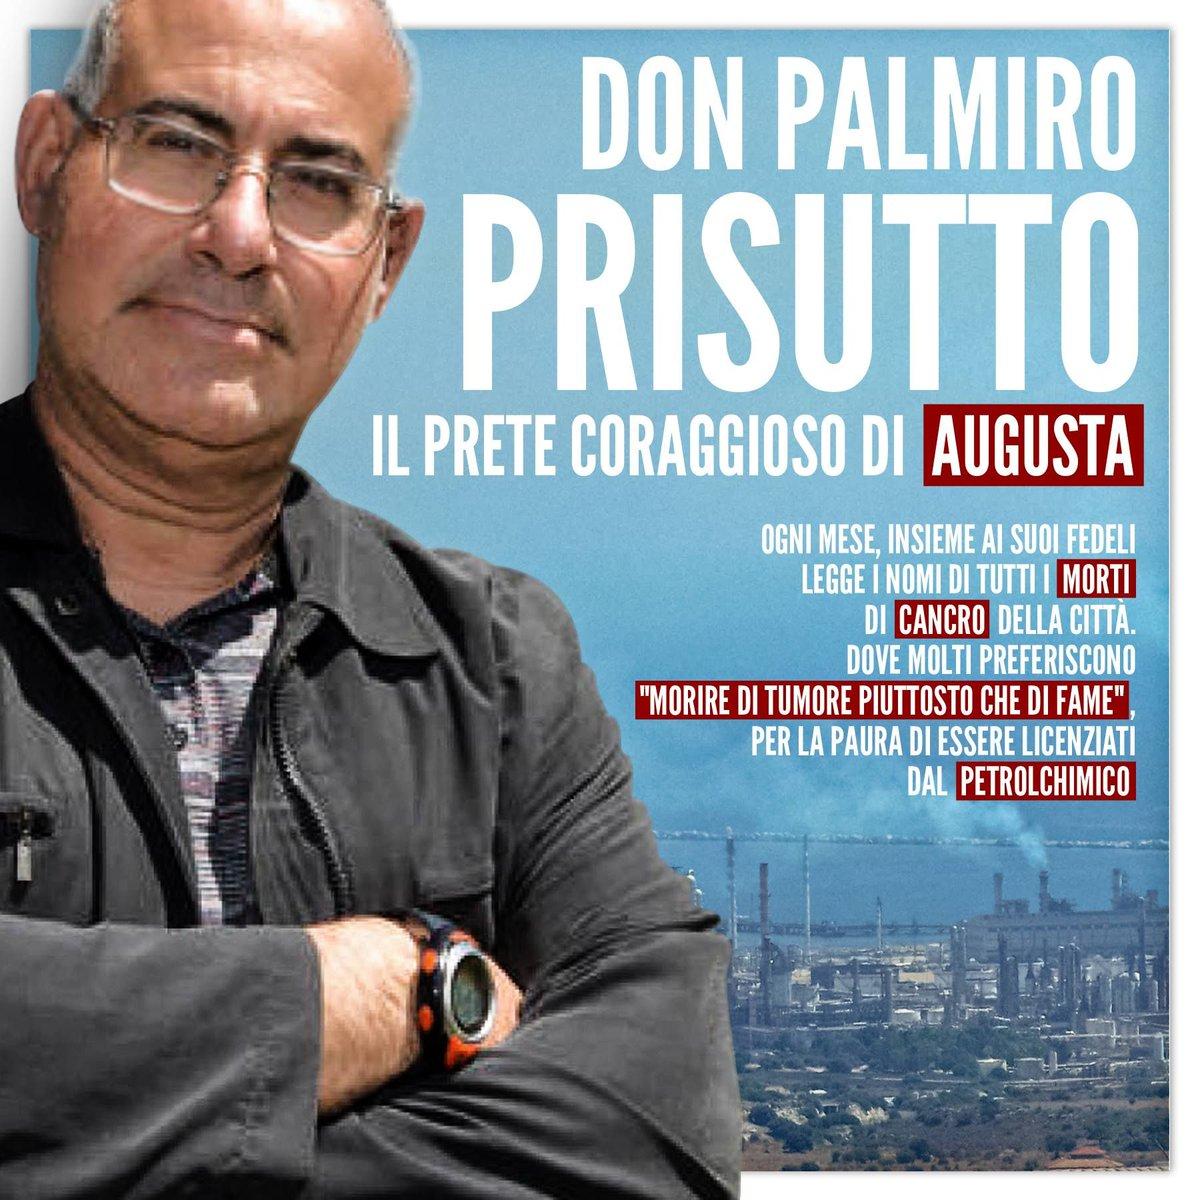 Don Palmiro #Prisutto, il prete coraggioso di #Augusta. Ogni mese insieme ai suoi fedeli legge i nomi di tutti i morti di #cancro della citta\